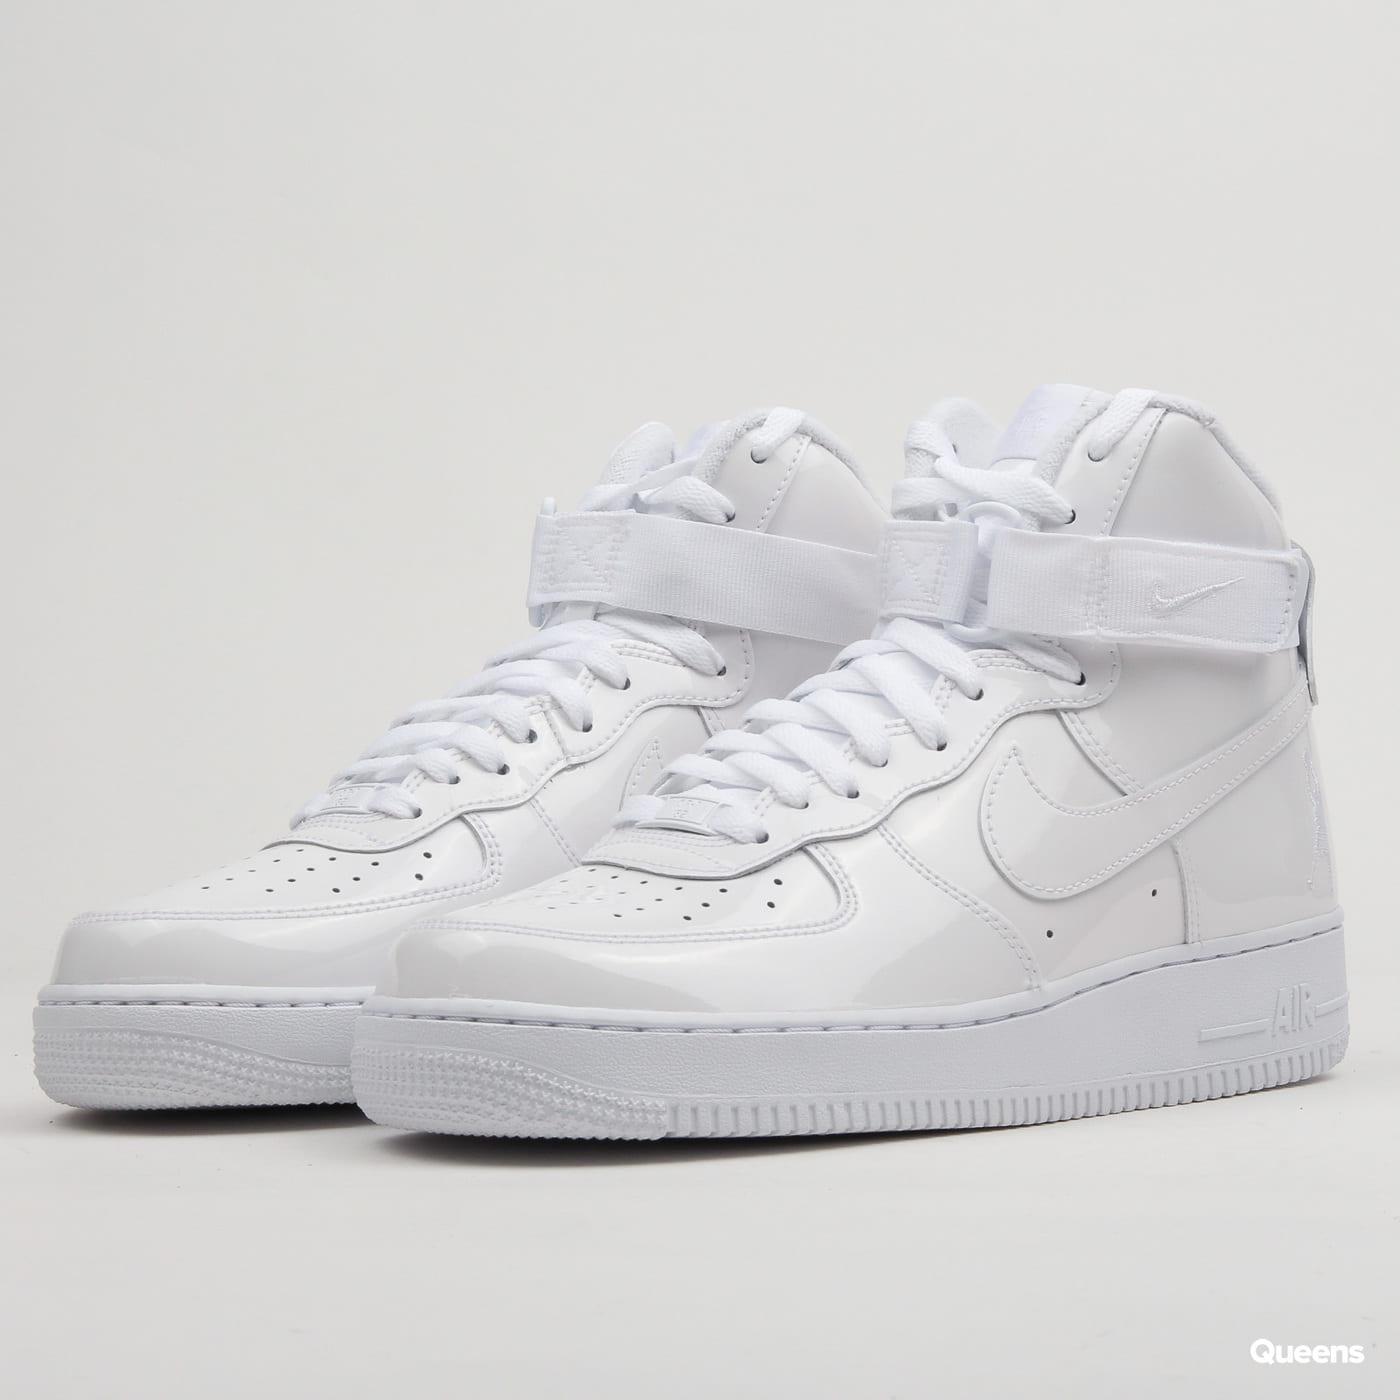 Sneakers Nike Air Force 1 HI Retro QS